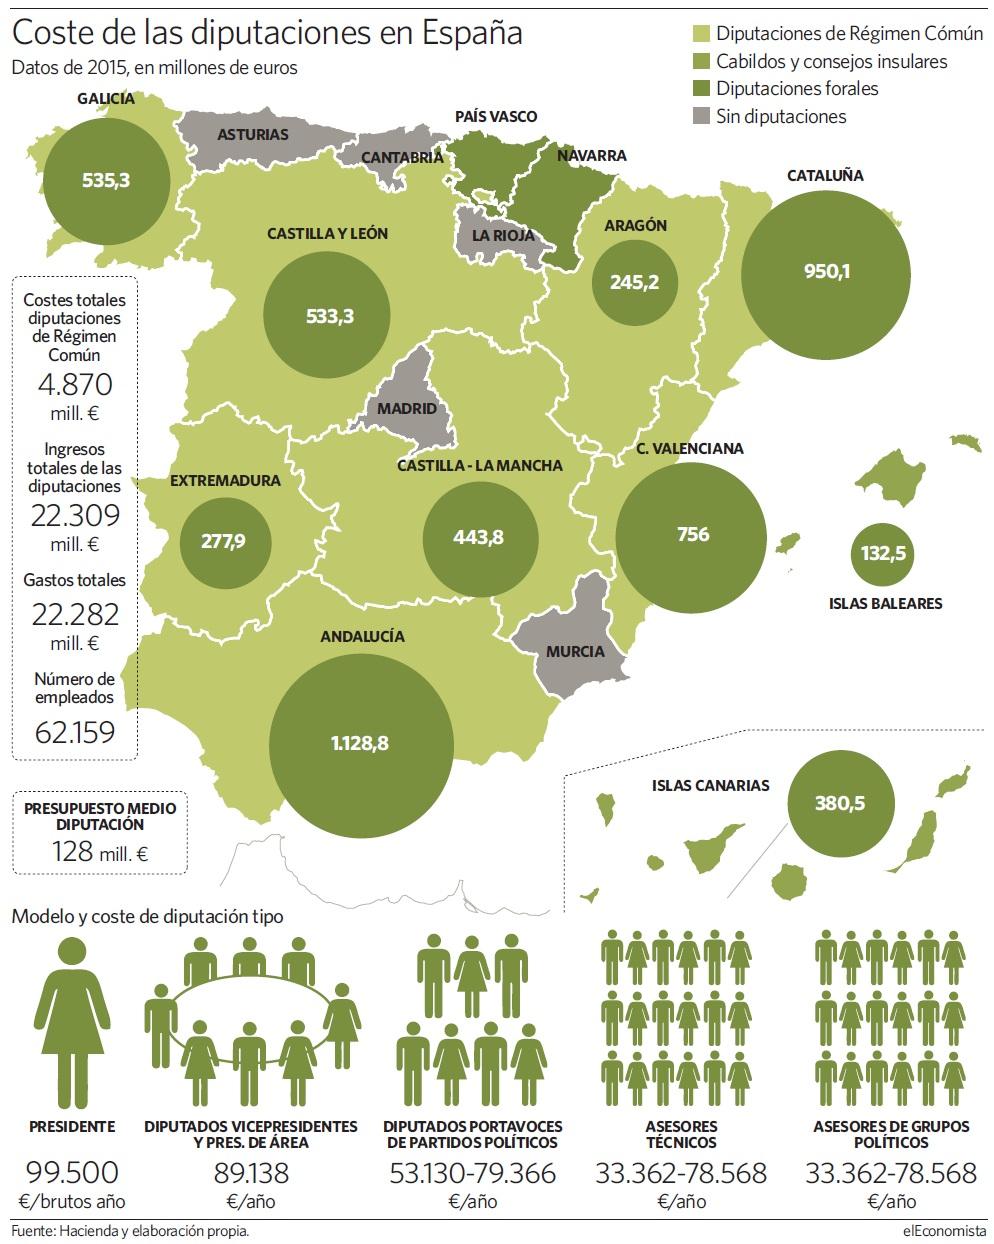 Resultados  electorales en  el  Reino  de  España, 20D. Y movimientos políticos posteriores - Página 5 Grafico-diputaciones